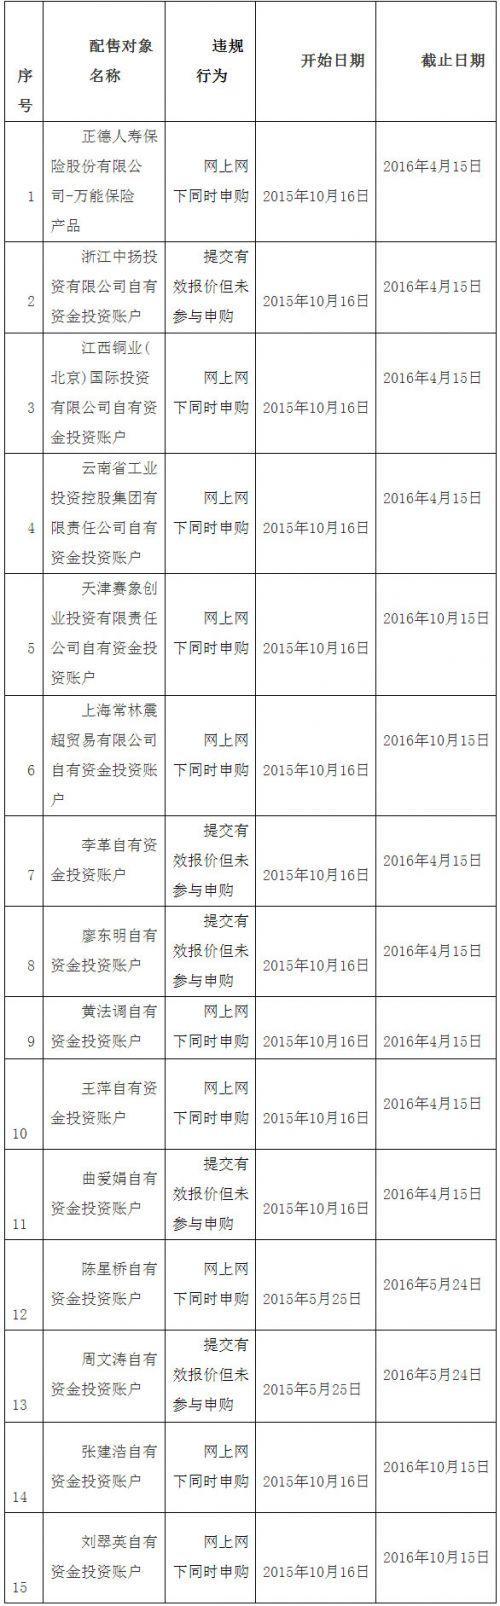 證券業協會:15傢IPO配售對象被列入黑名單